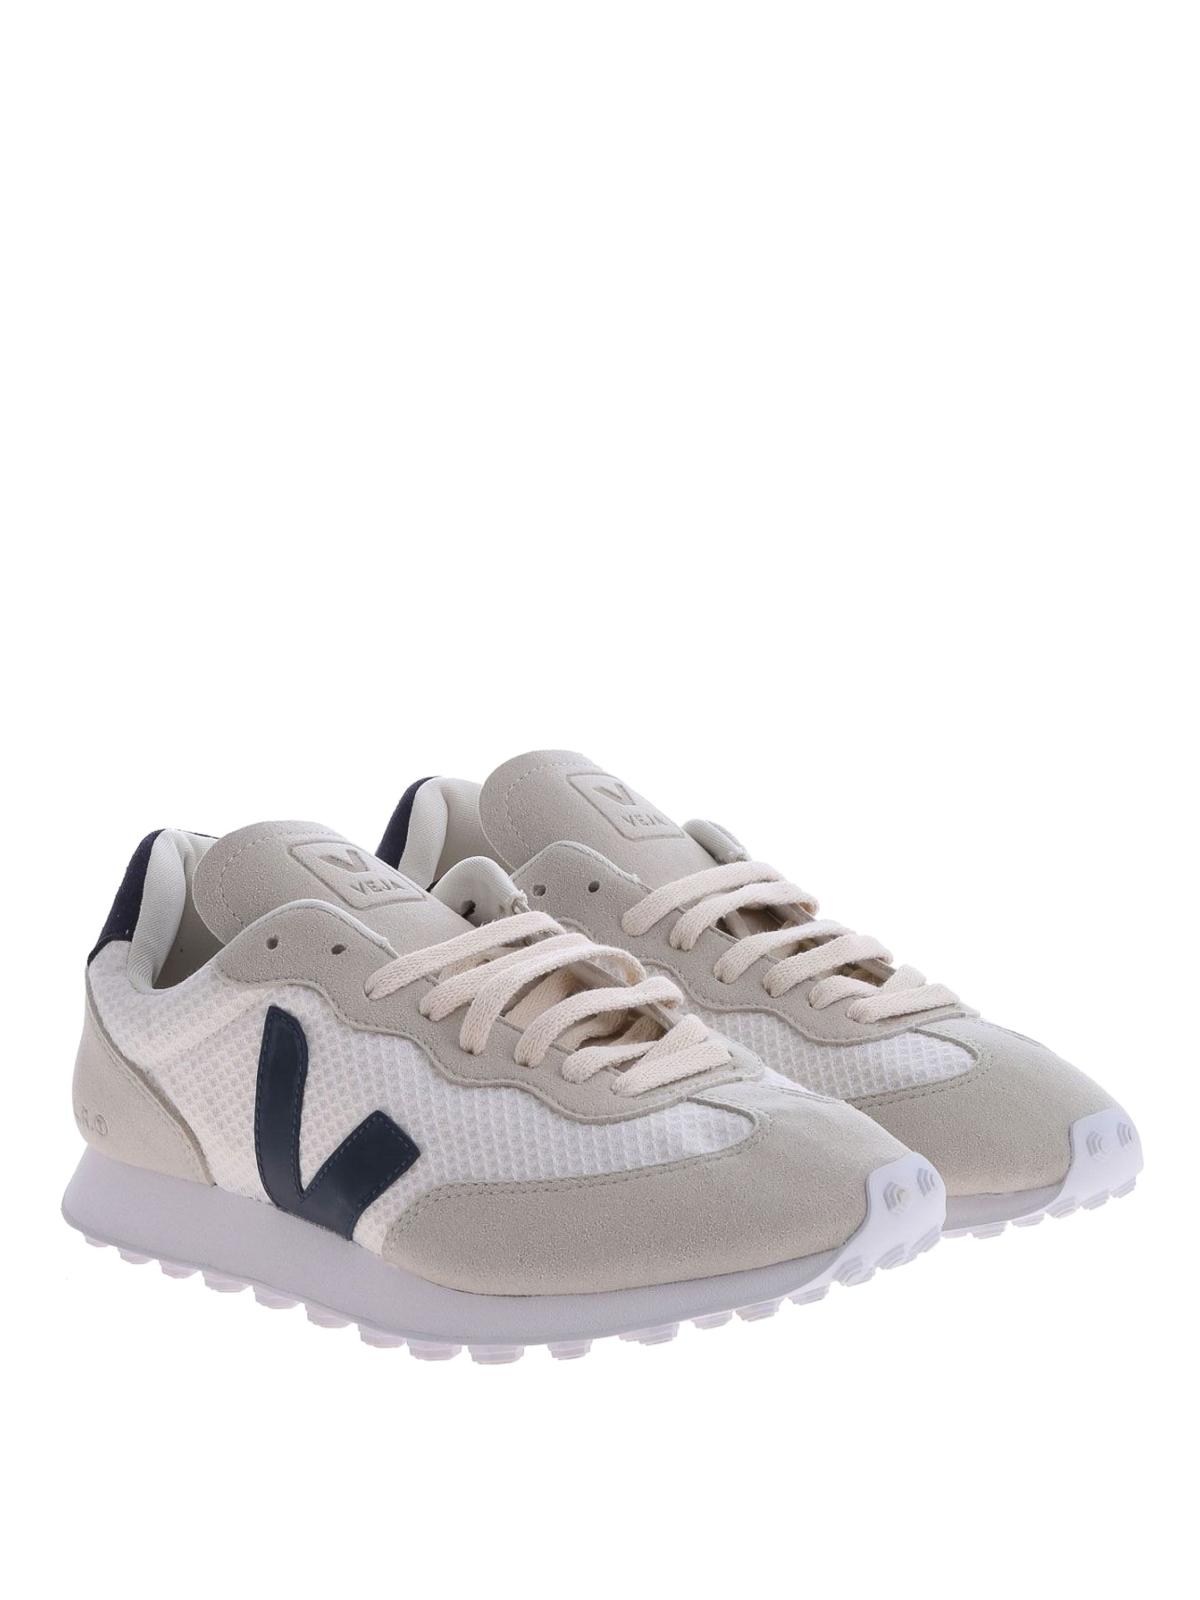 Monografía pegamento raya  Veja - Rio Branco sneakers - trainers - RBM011846 | Shop online at iKRIX